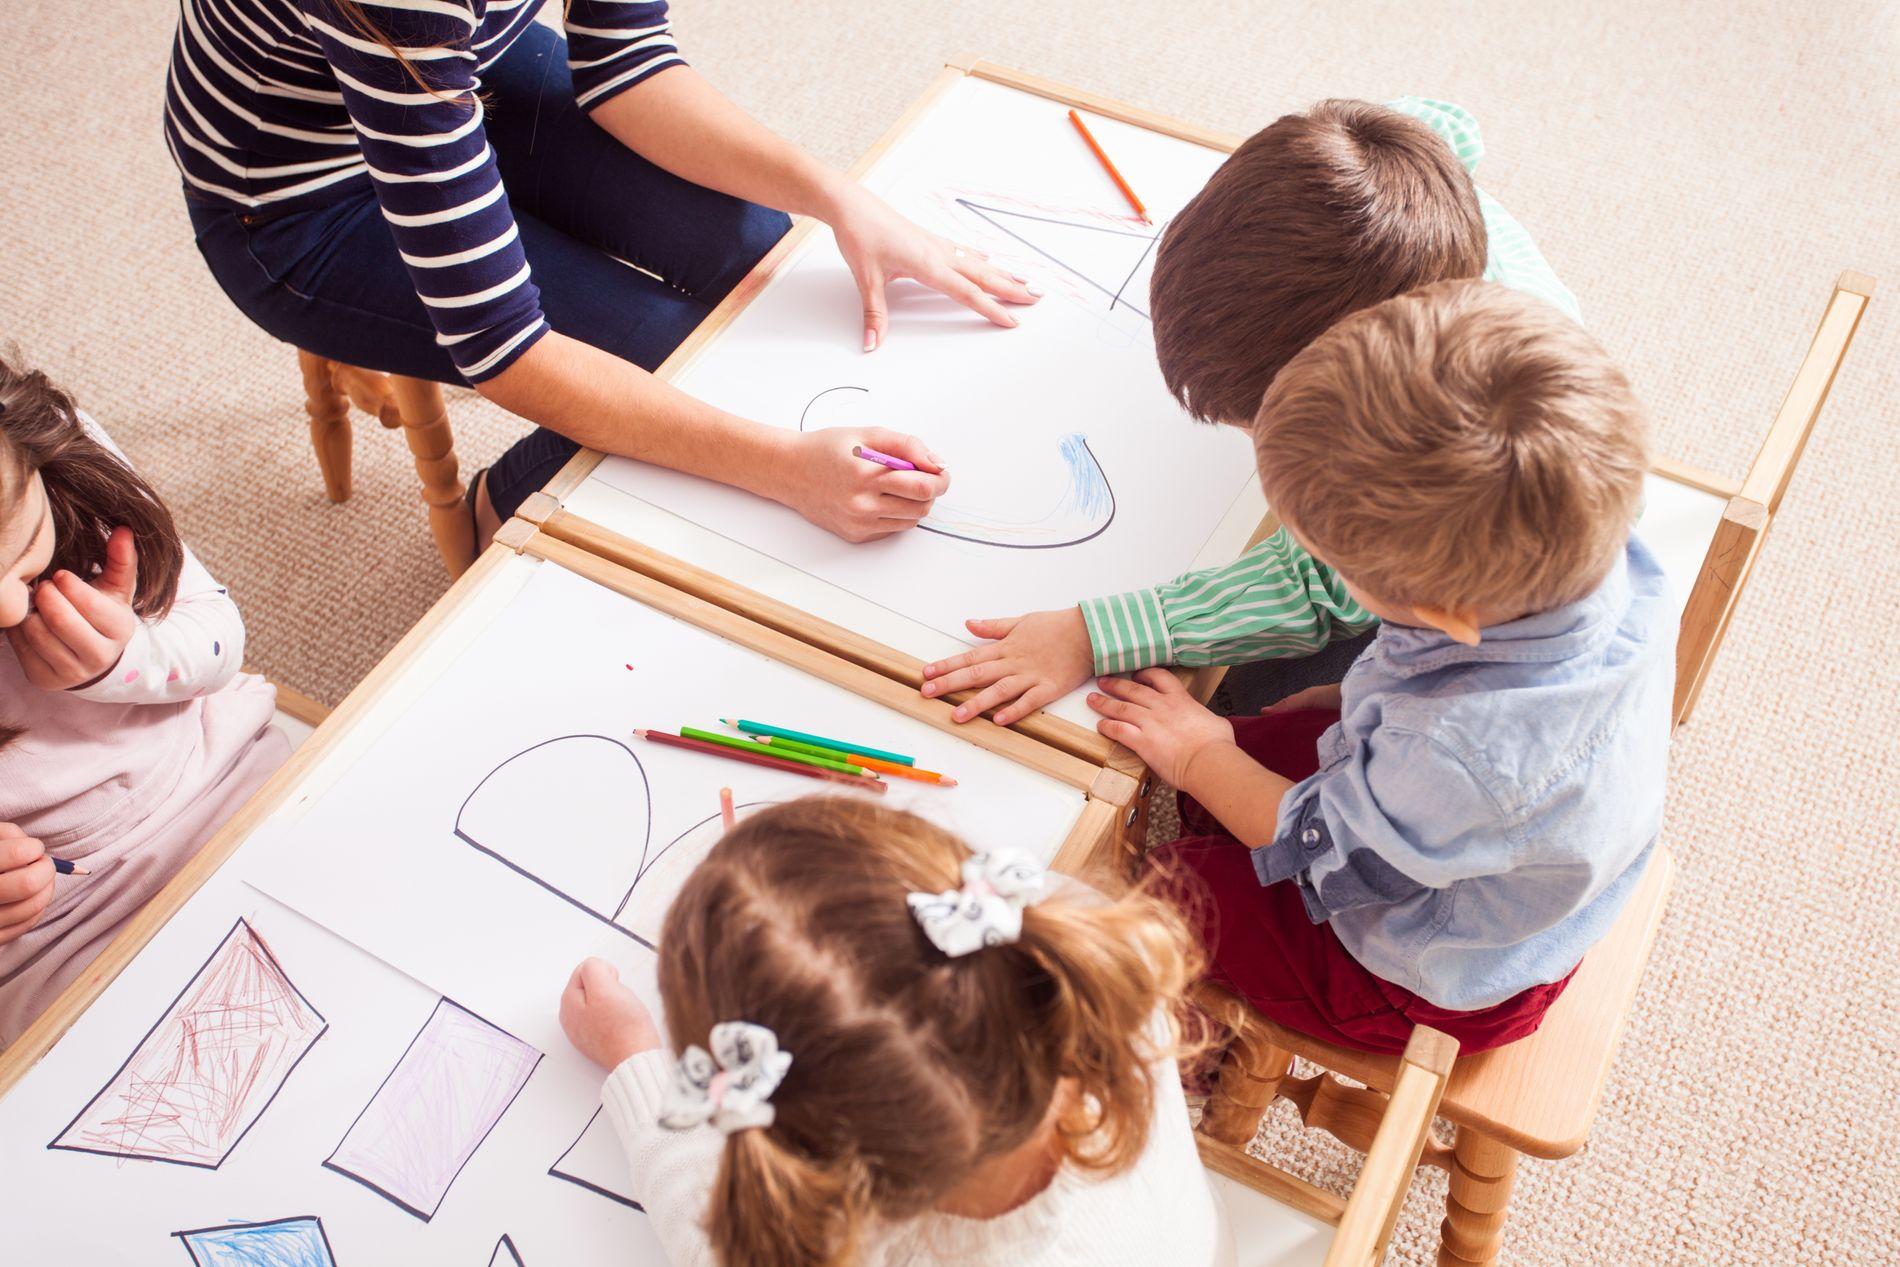 FØRSTE STEG: Hvis vi skal lykkes med god integrering må alle barn få like muligheter. Da er barnehagen det første steget på veien, skriver Gerd Torunn Dingsør Thue.